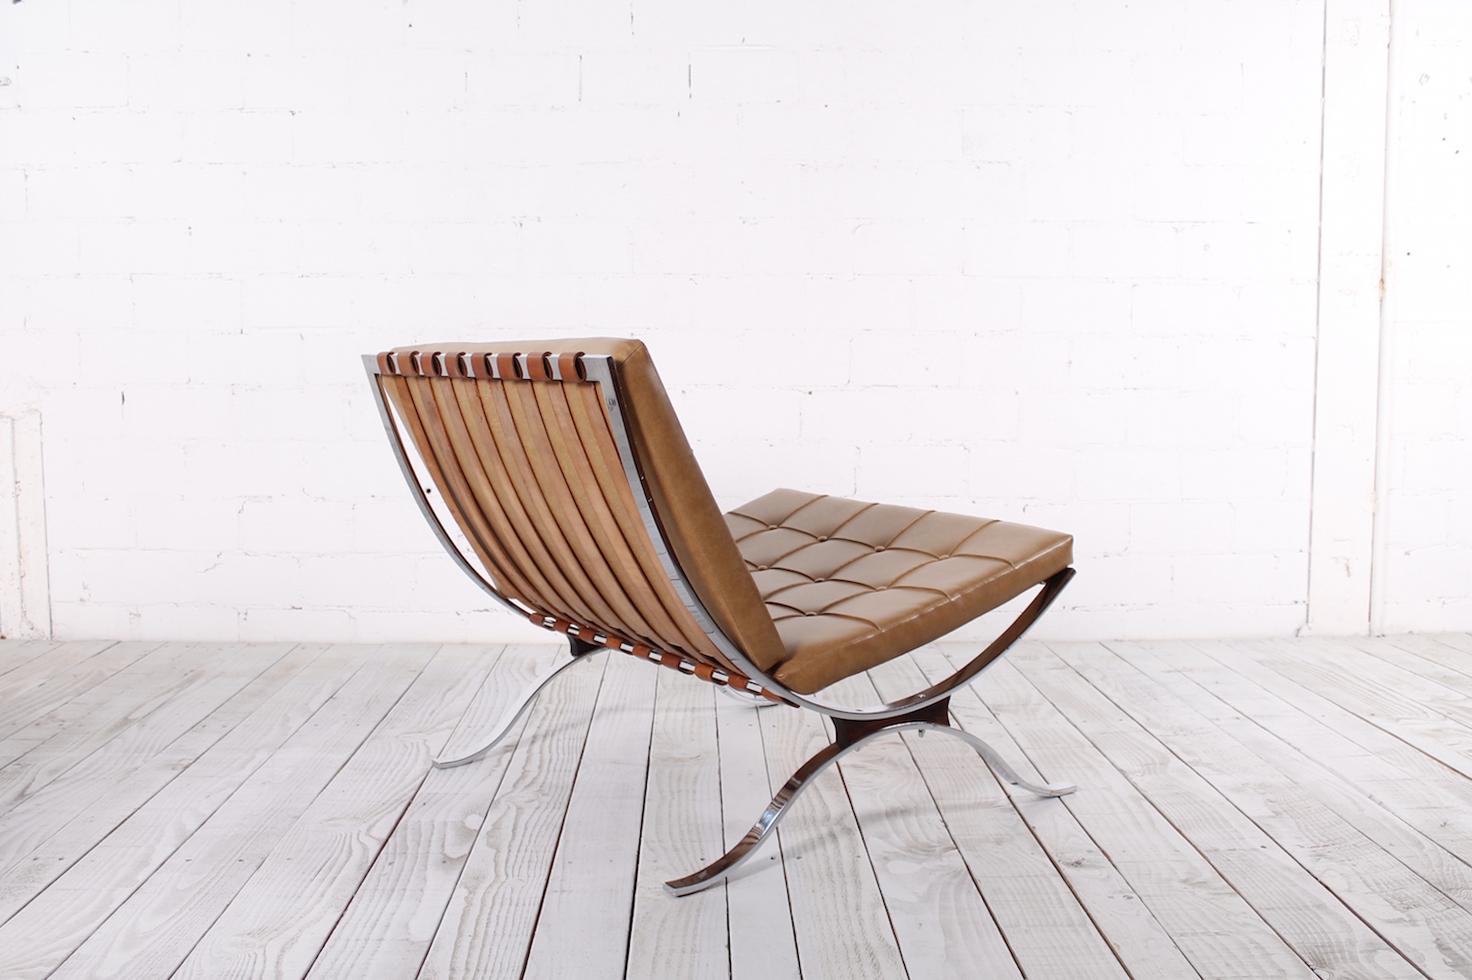 vintage flachstahl sessel im stil des barcelona chair metall leder kunstleder 1970er hans. Black Bedroom Furniture Sets. Home Design Ideas